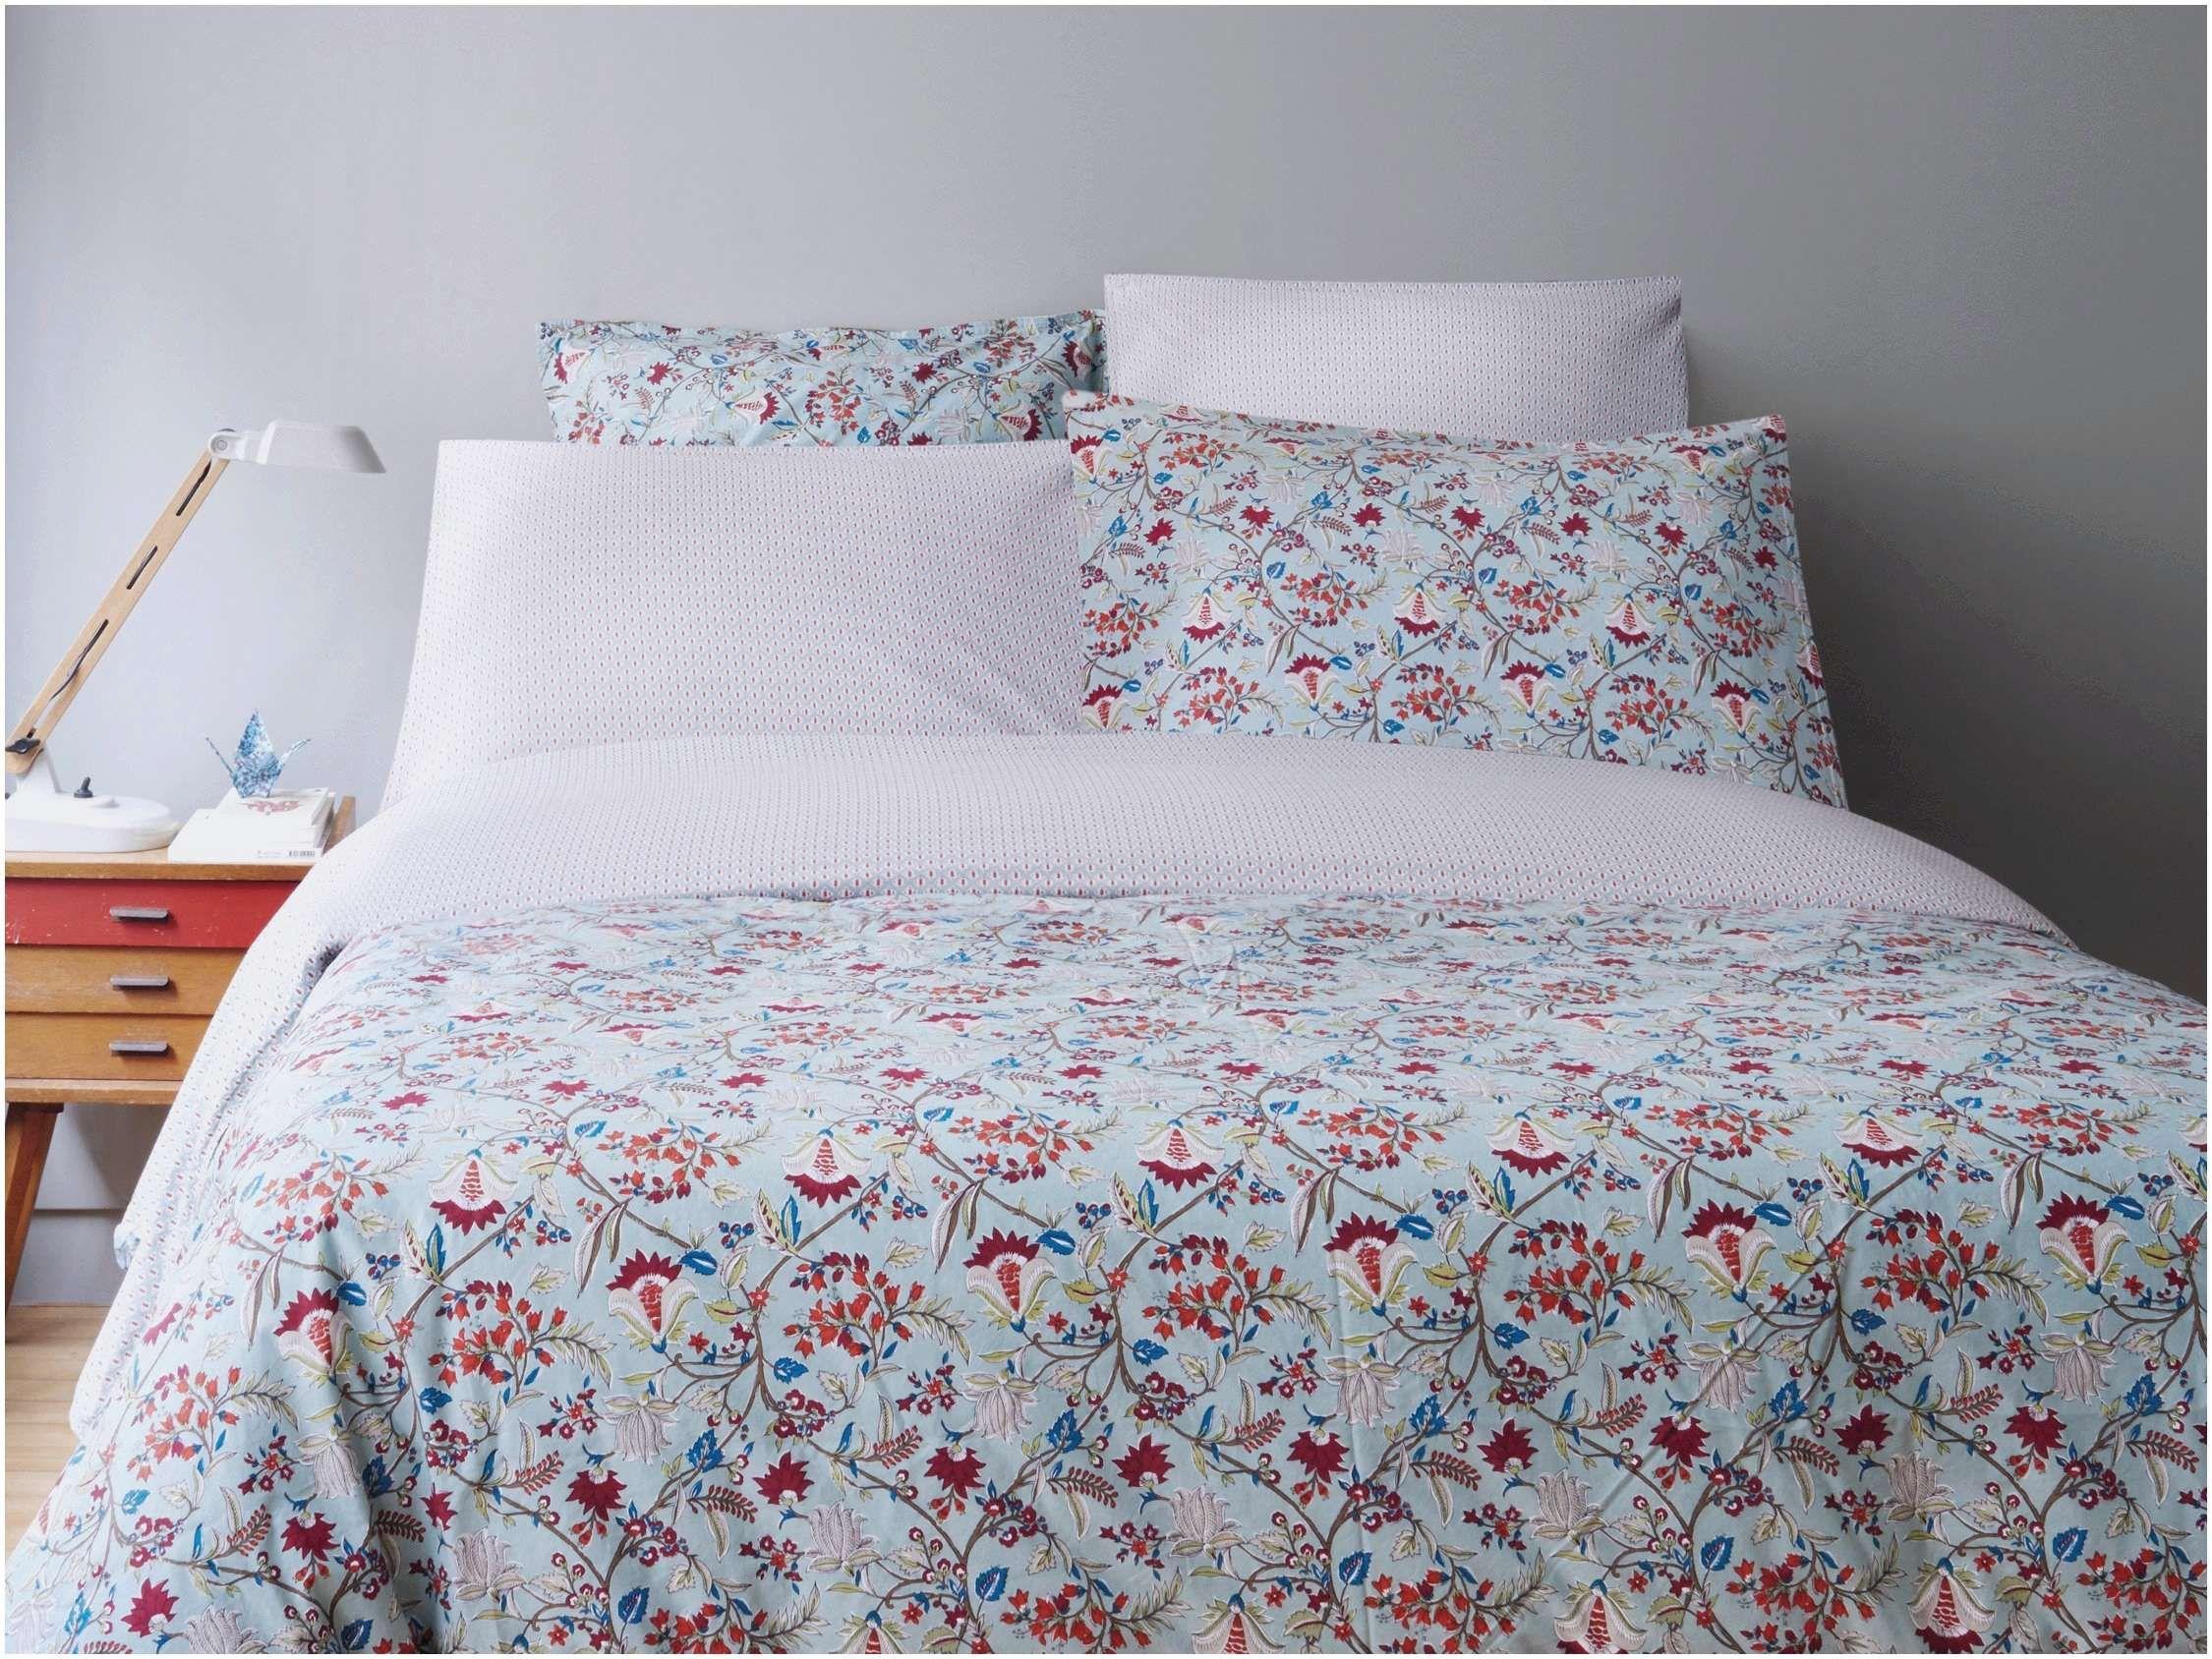 Carrefour Housse De Couette Carrefour Housse De Couette Achat Parures De Lits Pas Cher Rue Du Merce C Est Parure Zimmeub Housse De C Bed Bed Covers Furniture